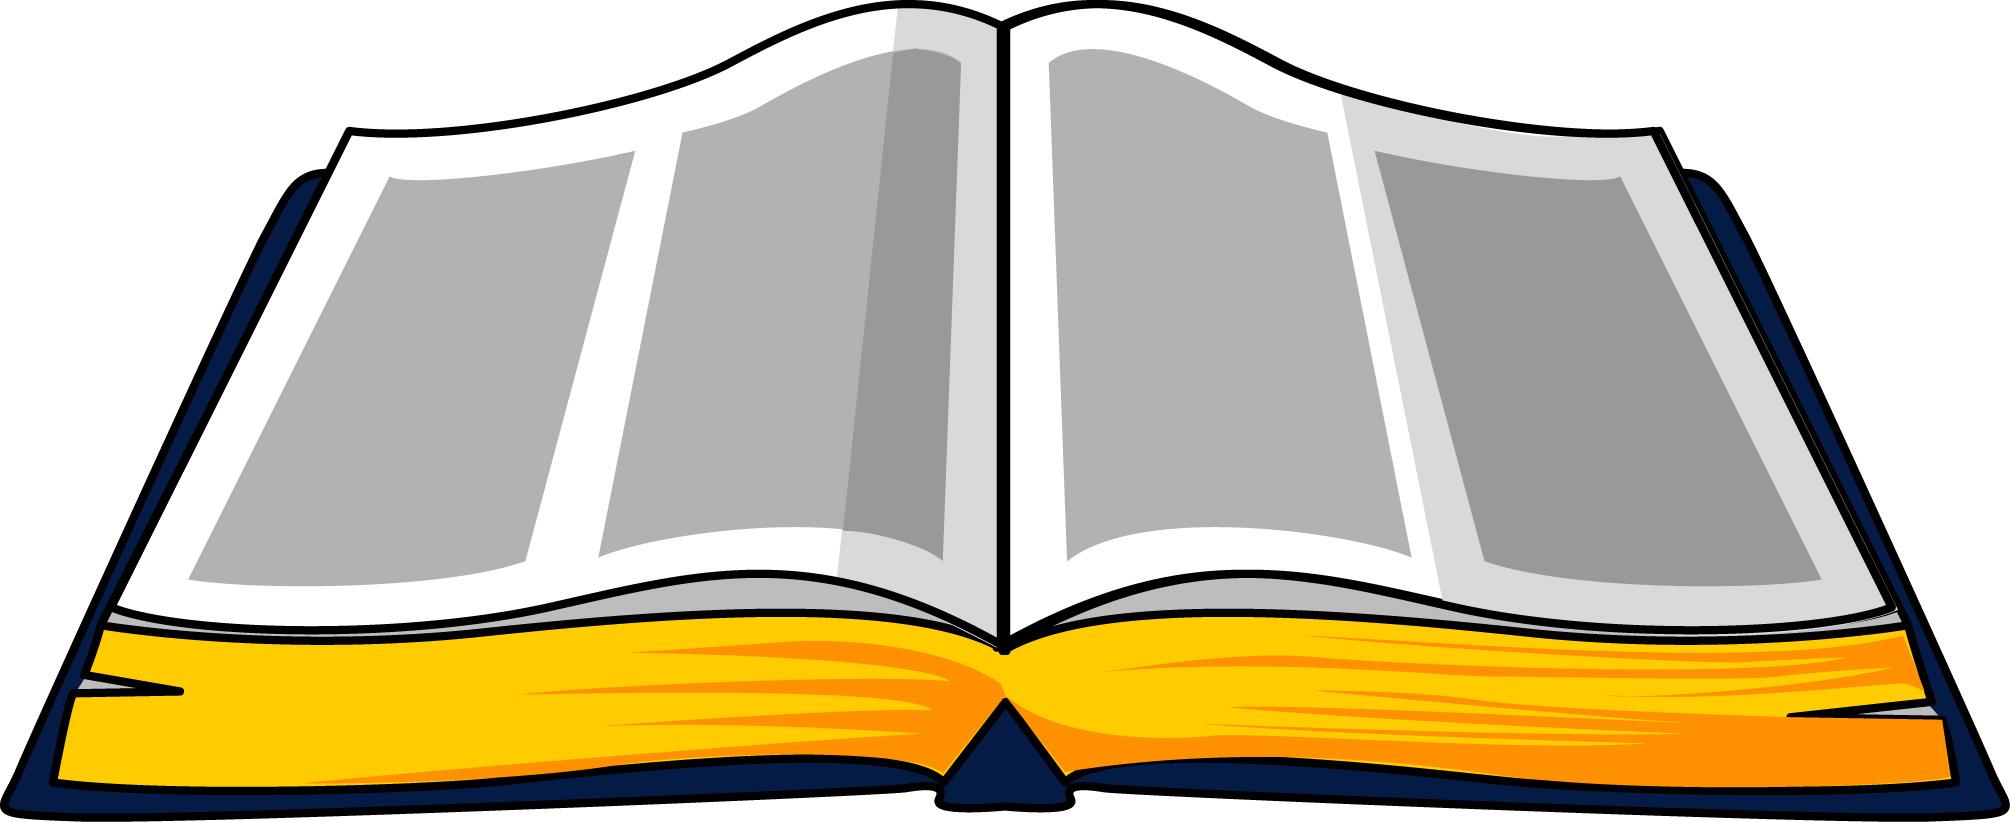 2010x822 Bible Clip Art